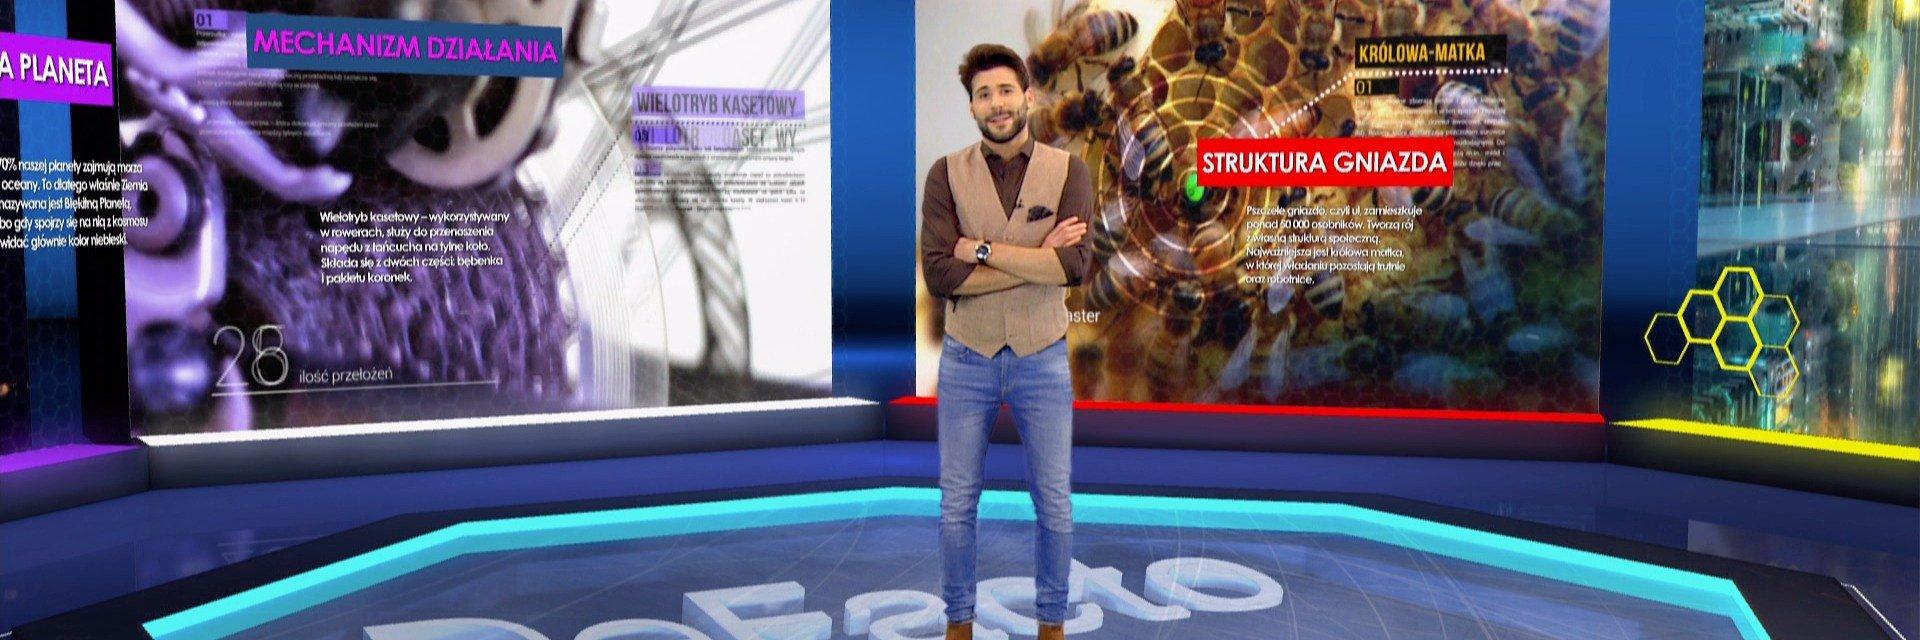 """Nowy sezon """"Defacto"""" wiosną na antenie TTV. Obok Janka Pirowskiego, w programie pojawią się podróżnicy i vlogerzy z kanału """"Planeta Abstrakcja""""."""